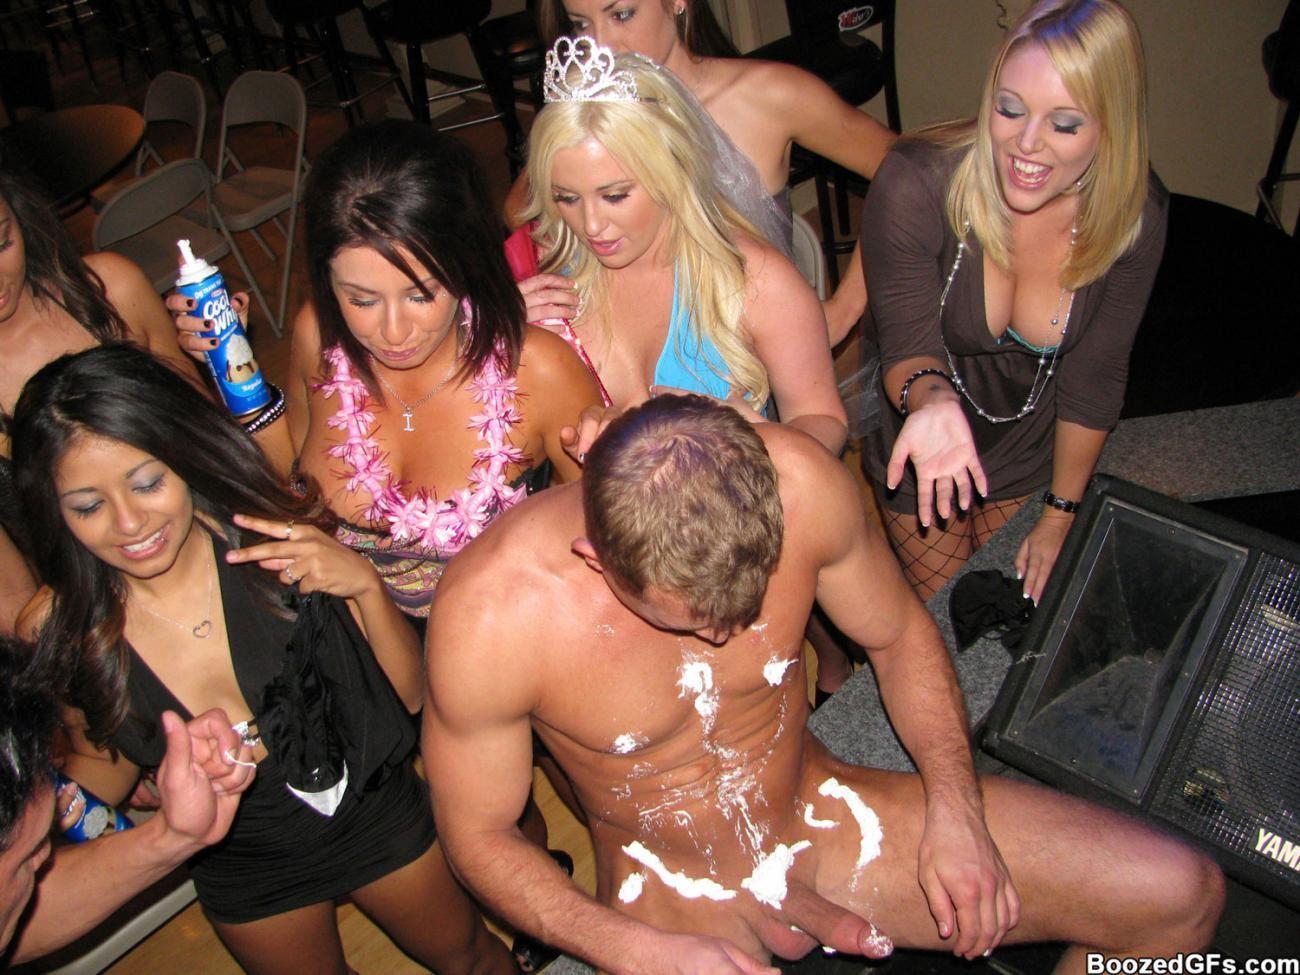 Мужики в клубах дают в ротик своим неописуемо красивым телкам